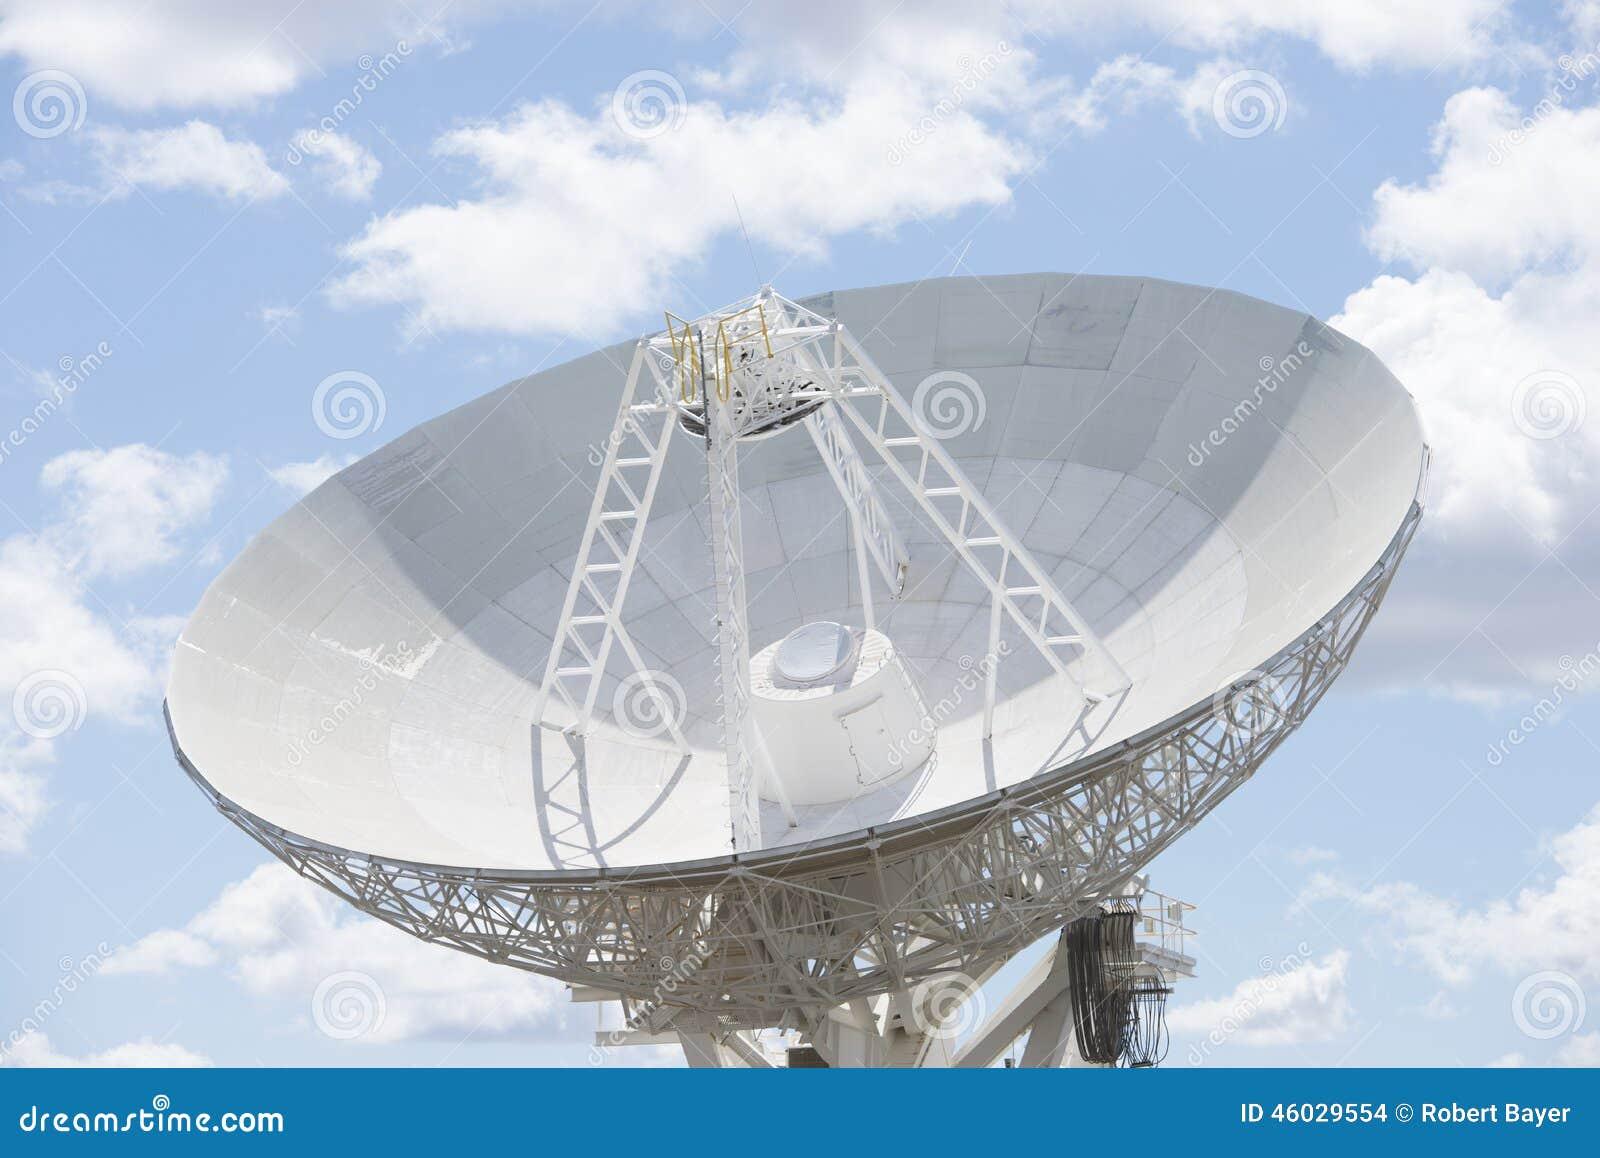 Telescoopschotel voor astronomische wetenschap